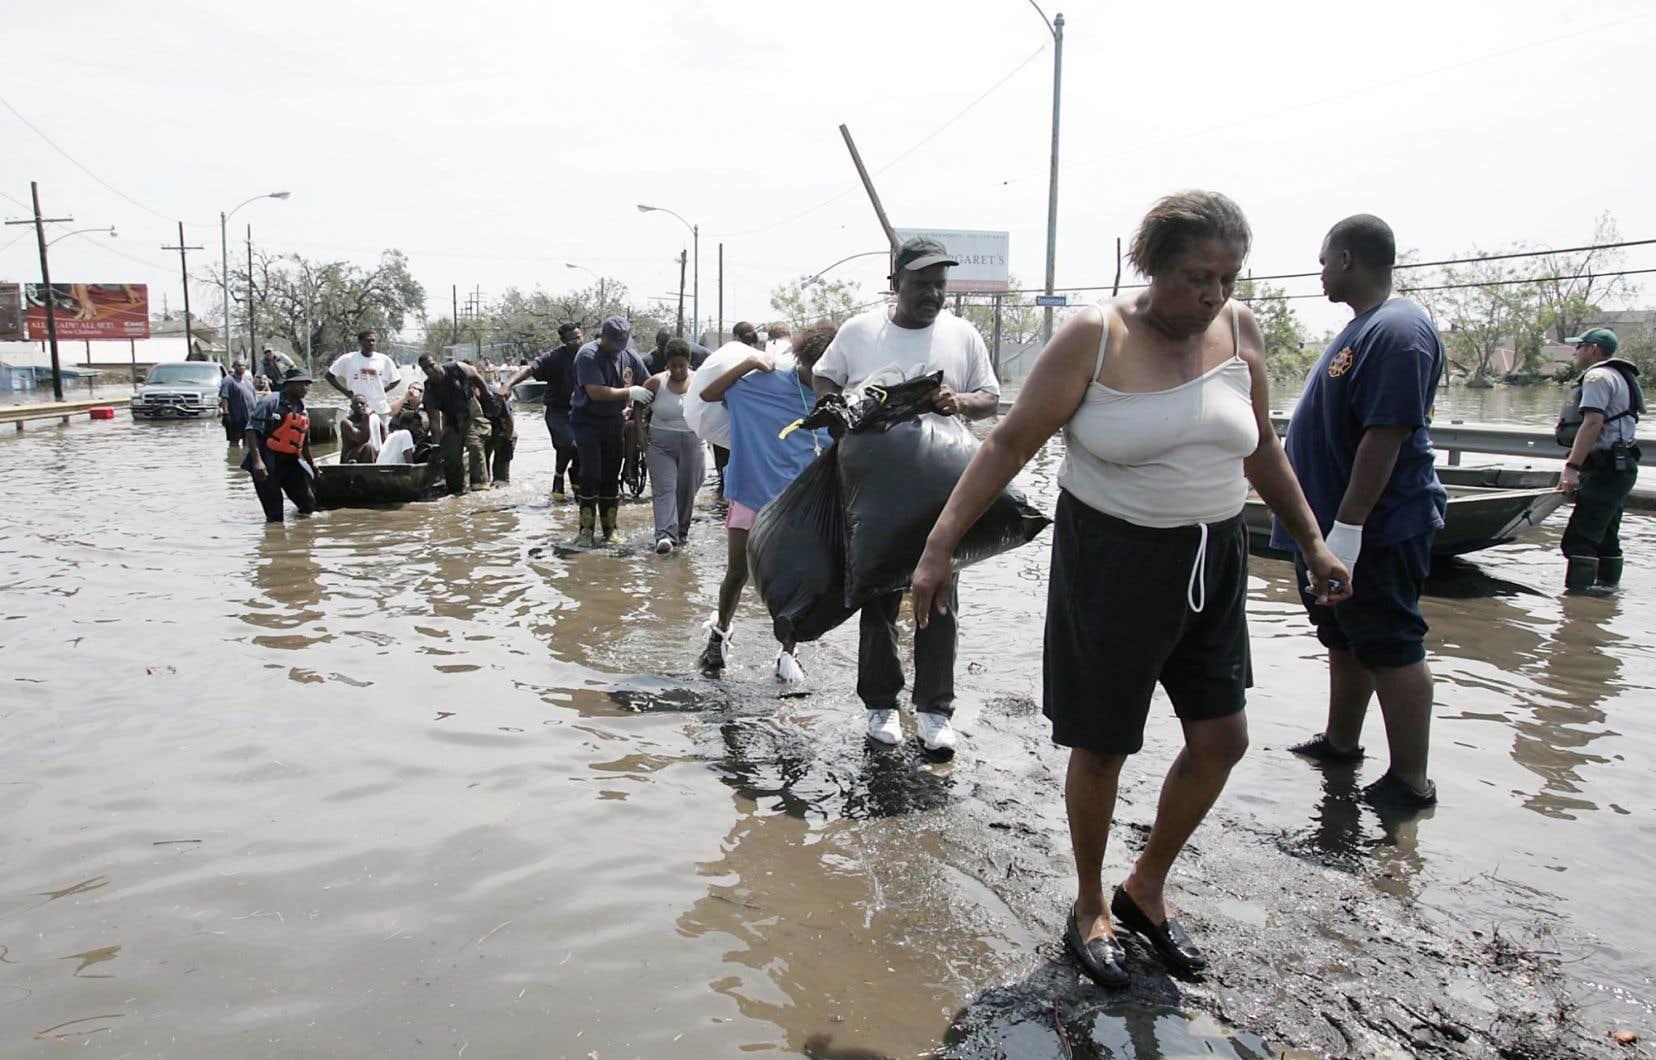 L'ouragan Katrina a dévasté La Nouvelle-Orléans en août 2005. Les phénomènes météorologiques extrêmes se multiplieront dans les prochaines années, préviennent des experts.